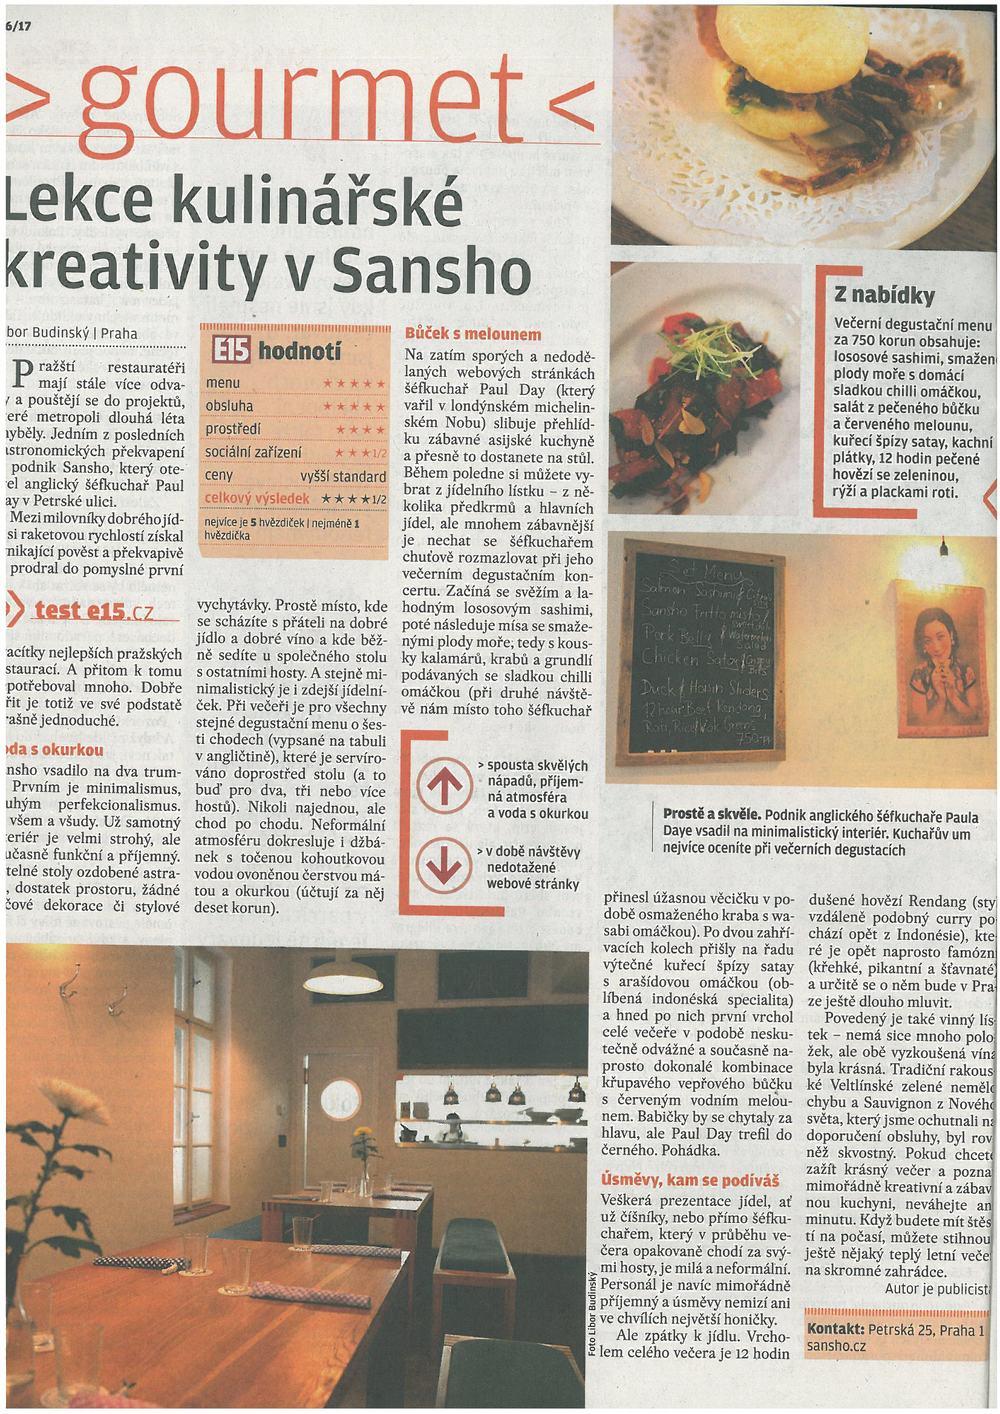 Lekce kulinarske kreativity v Sansho, E15.jpg